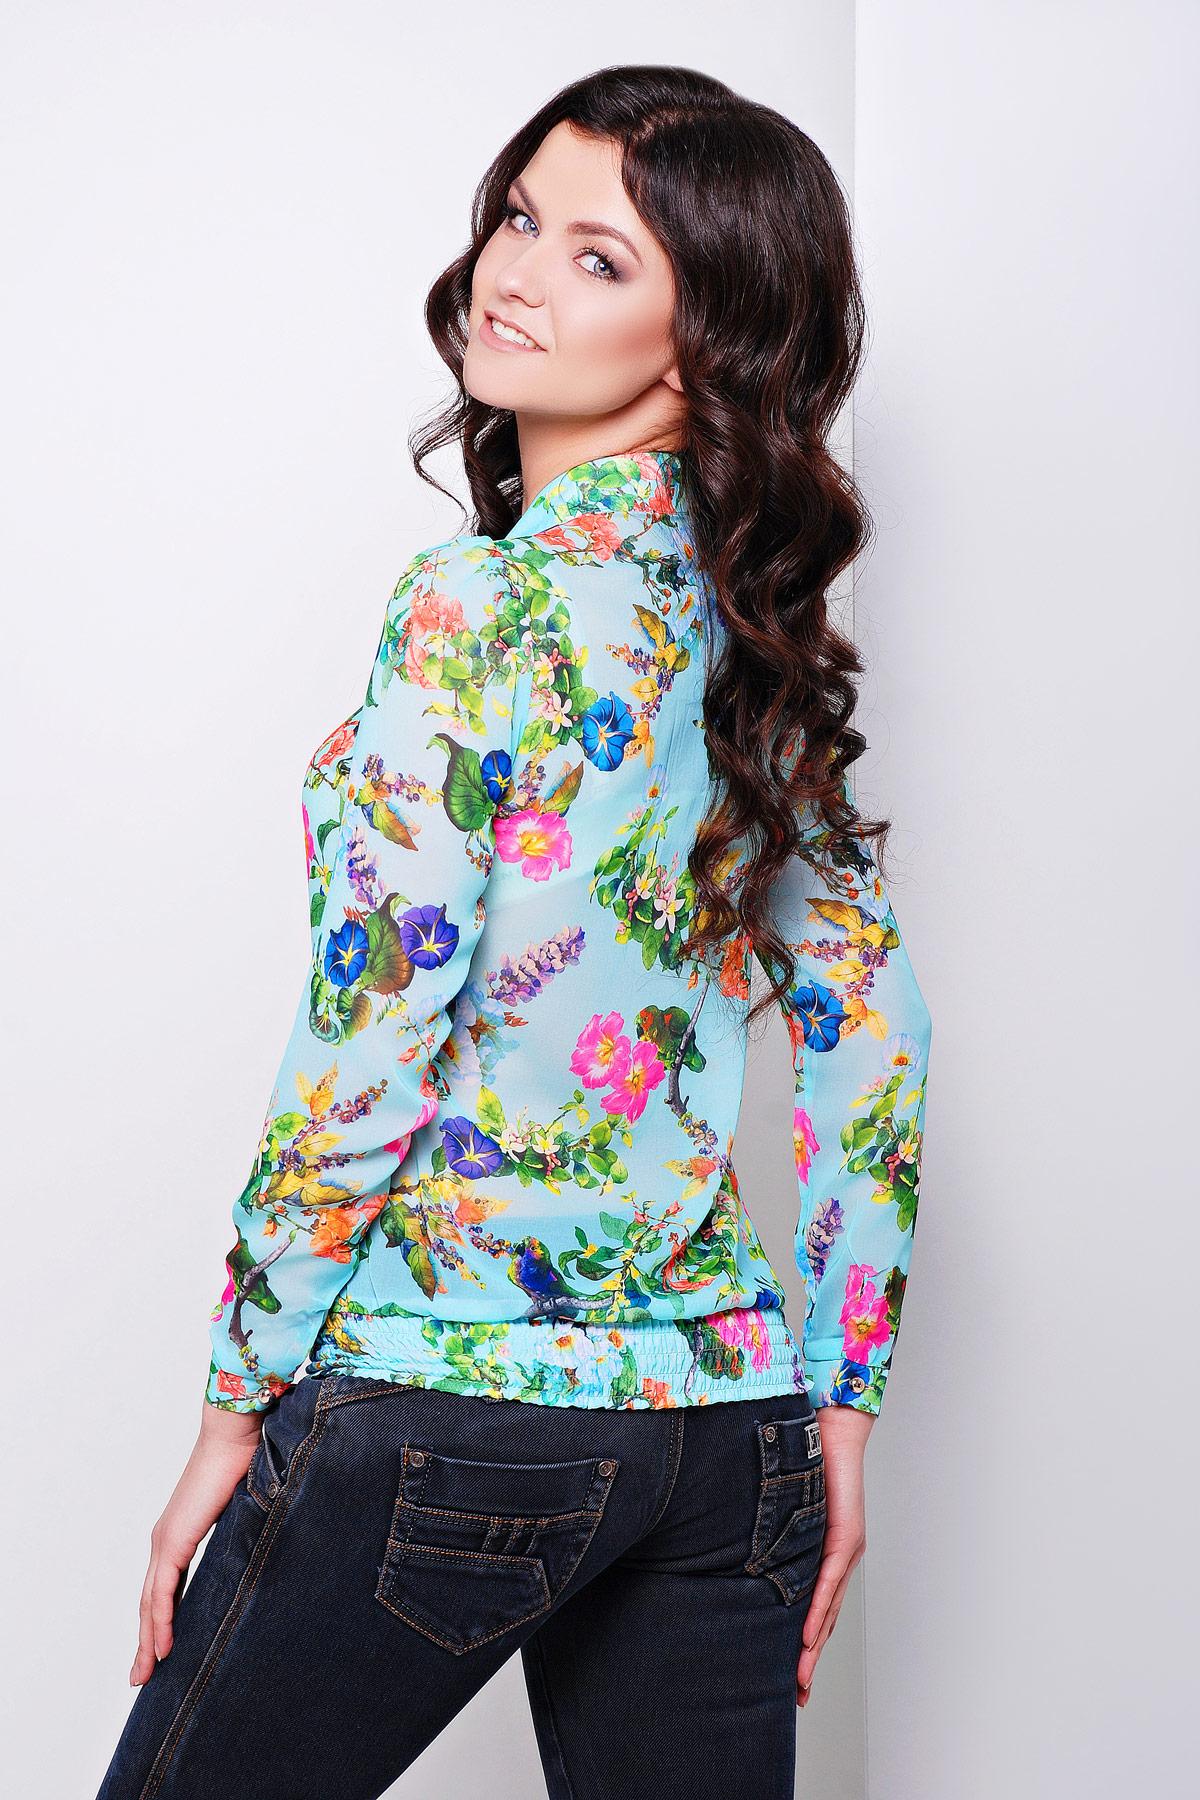 модные блузки весна лето 2019 фото: с длинным рукавом цветная в цветы